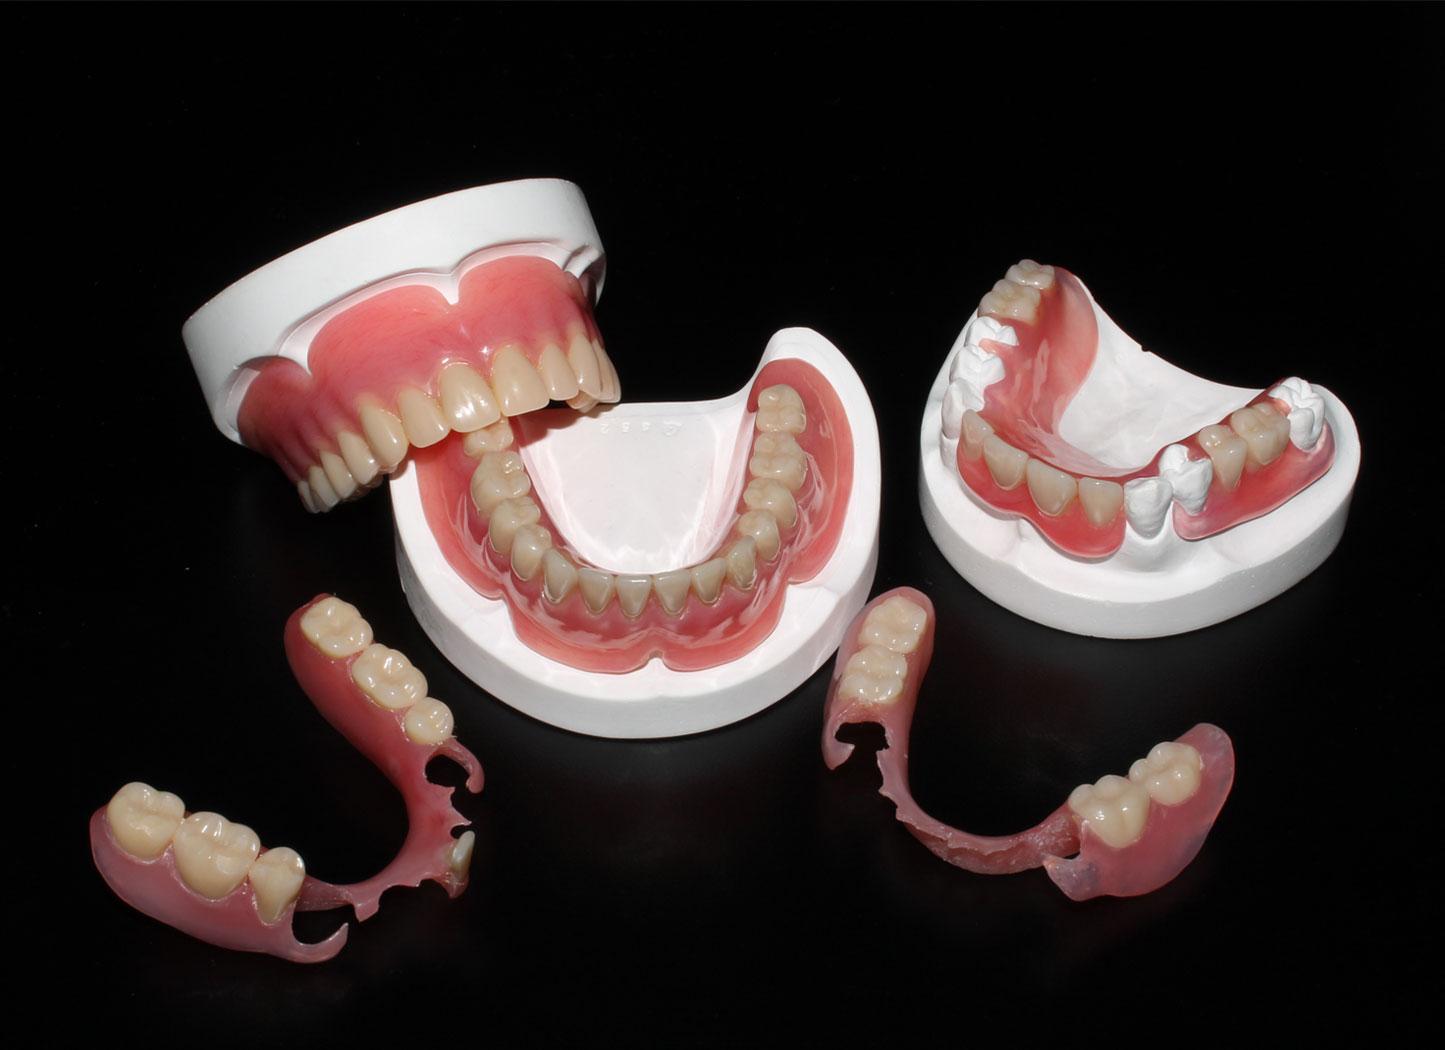 Denture Processing